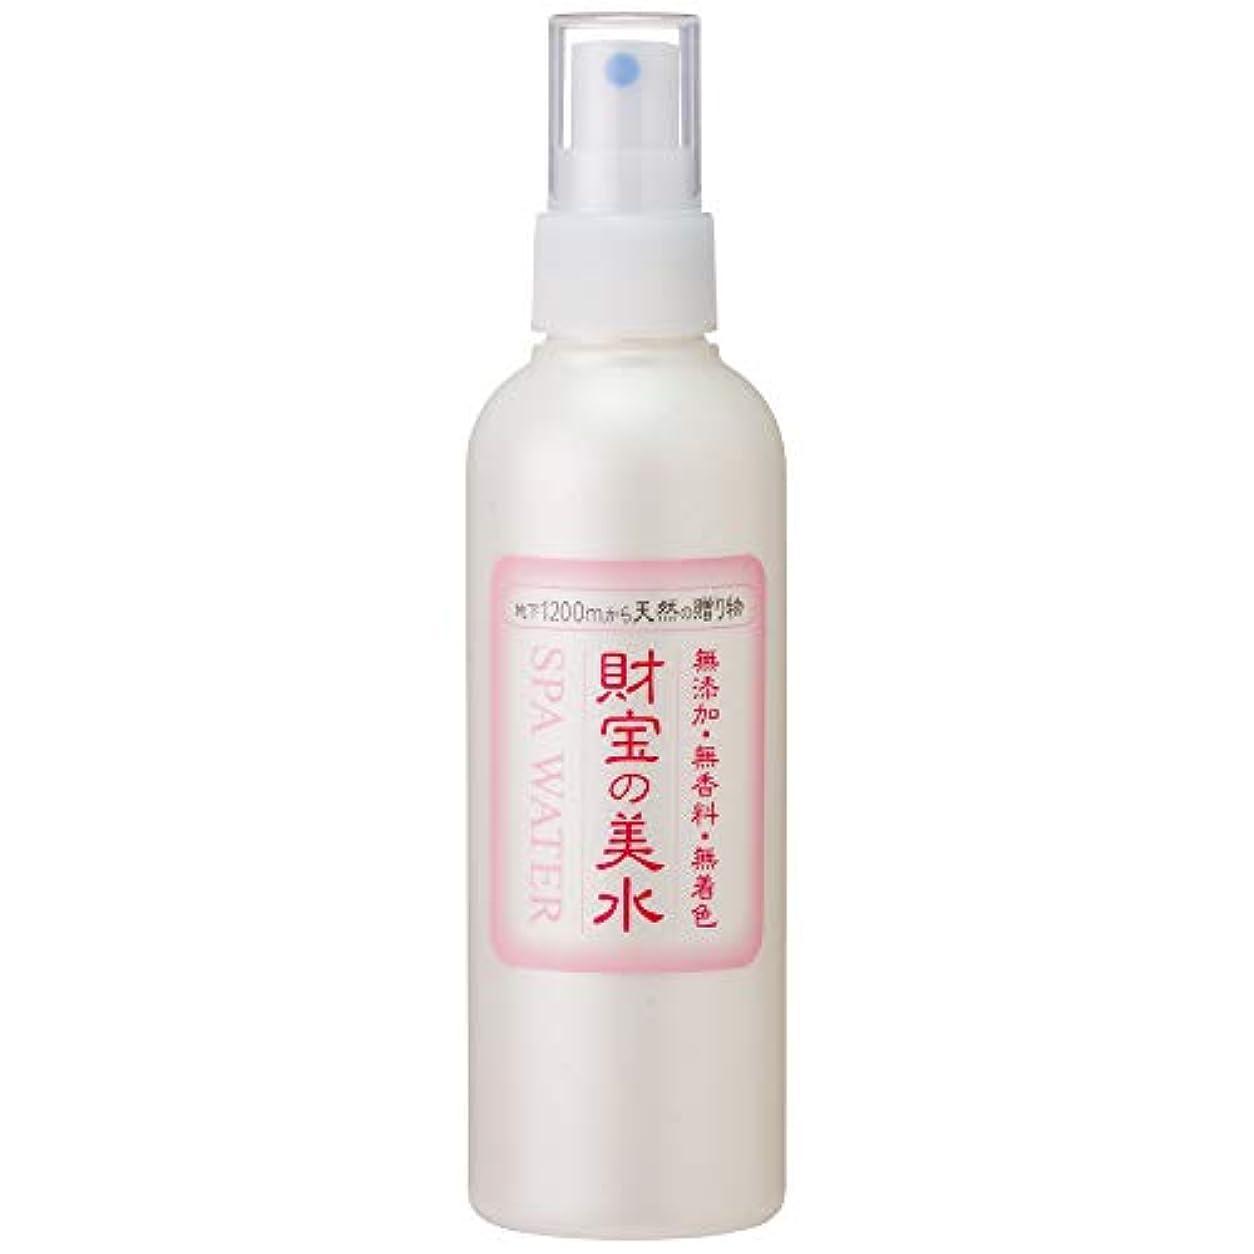 葉を集める良さけがをする財宝 温泉 美水 ミスト 化粧水 200ml